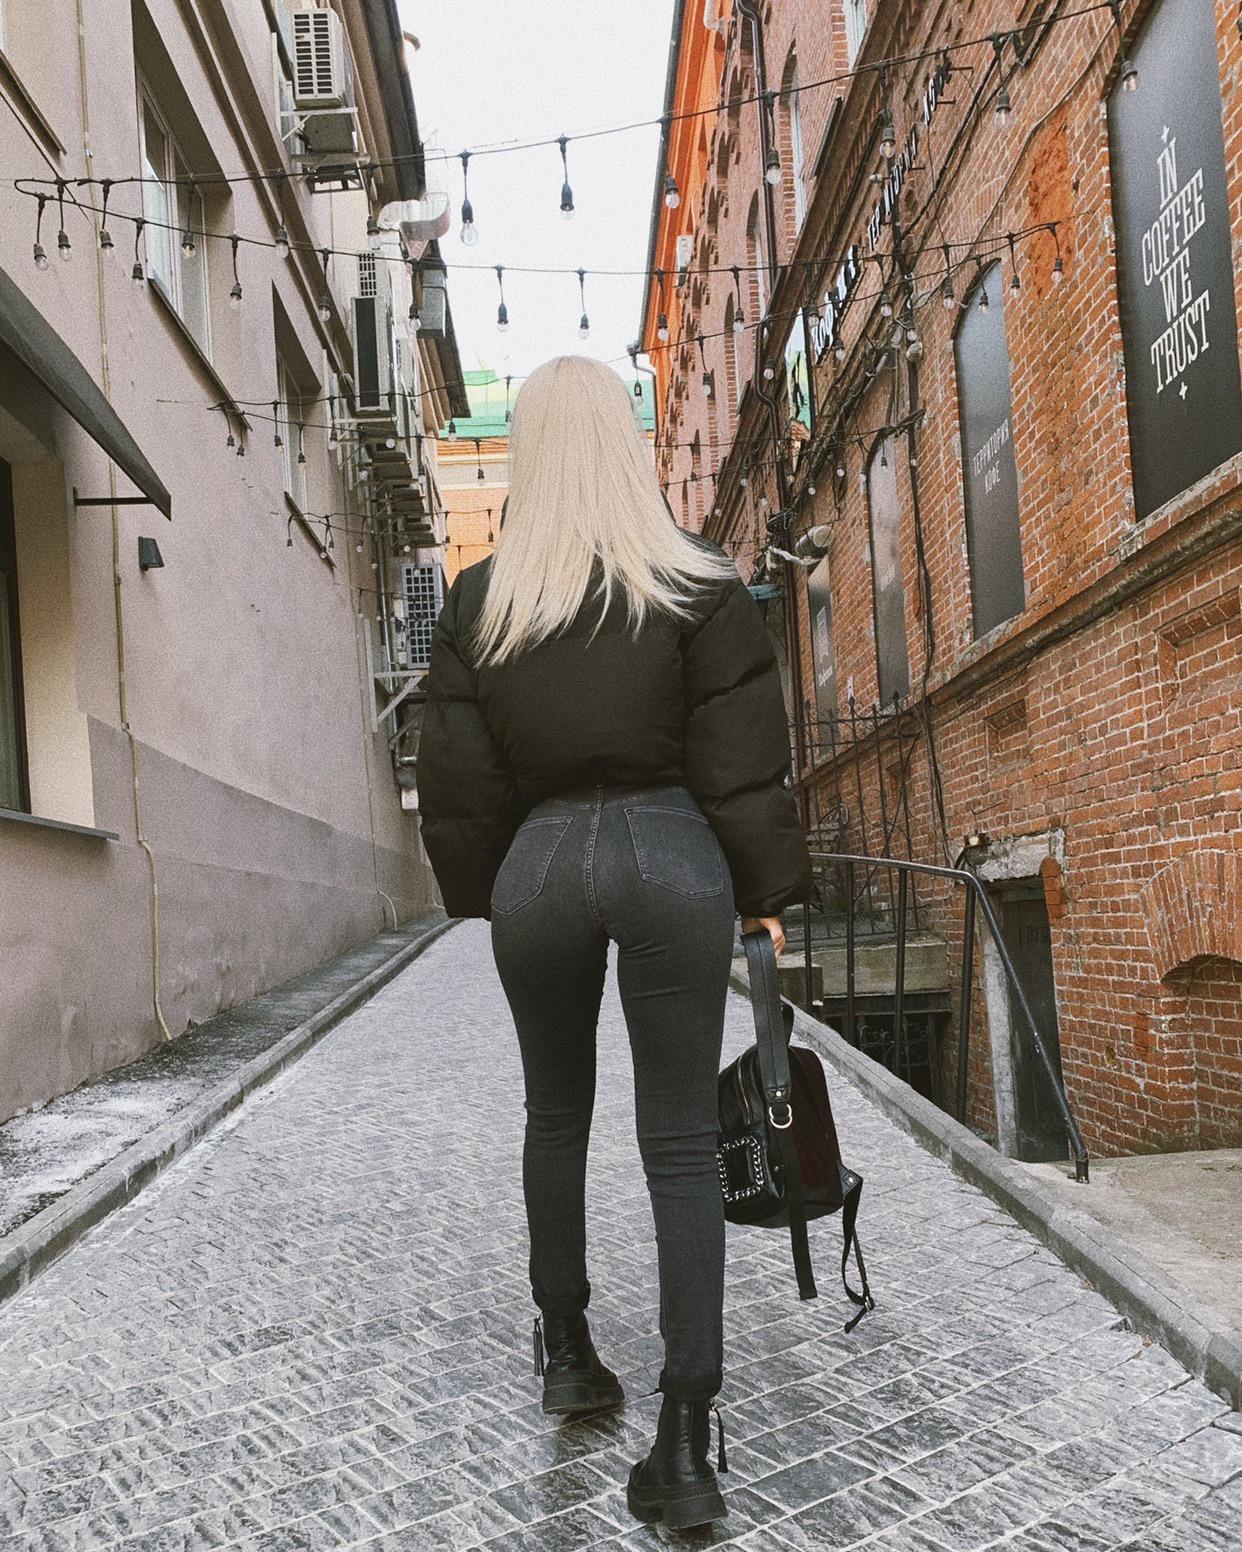 Анна Кобелева: биография, рост, вес, участница ДОМ2 из Хабаровска